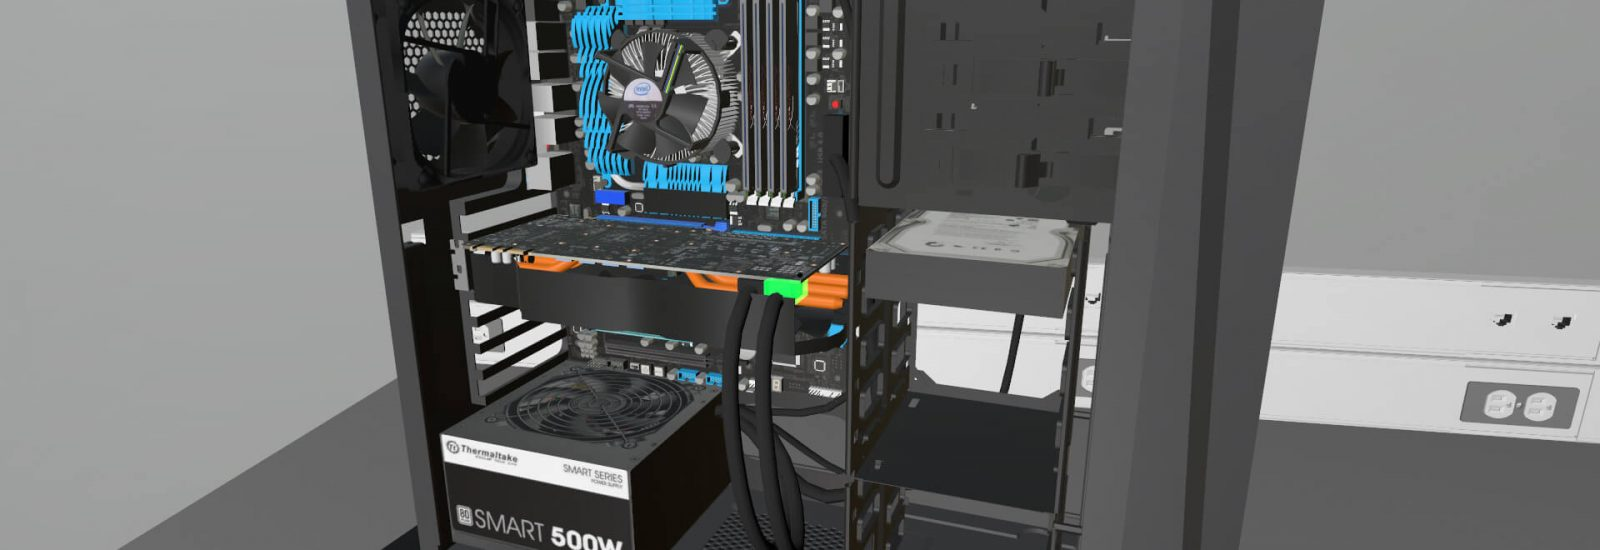 PC Building Simulator